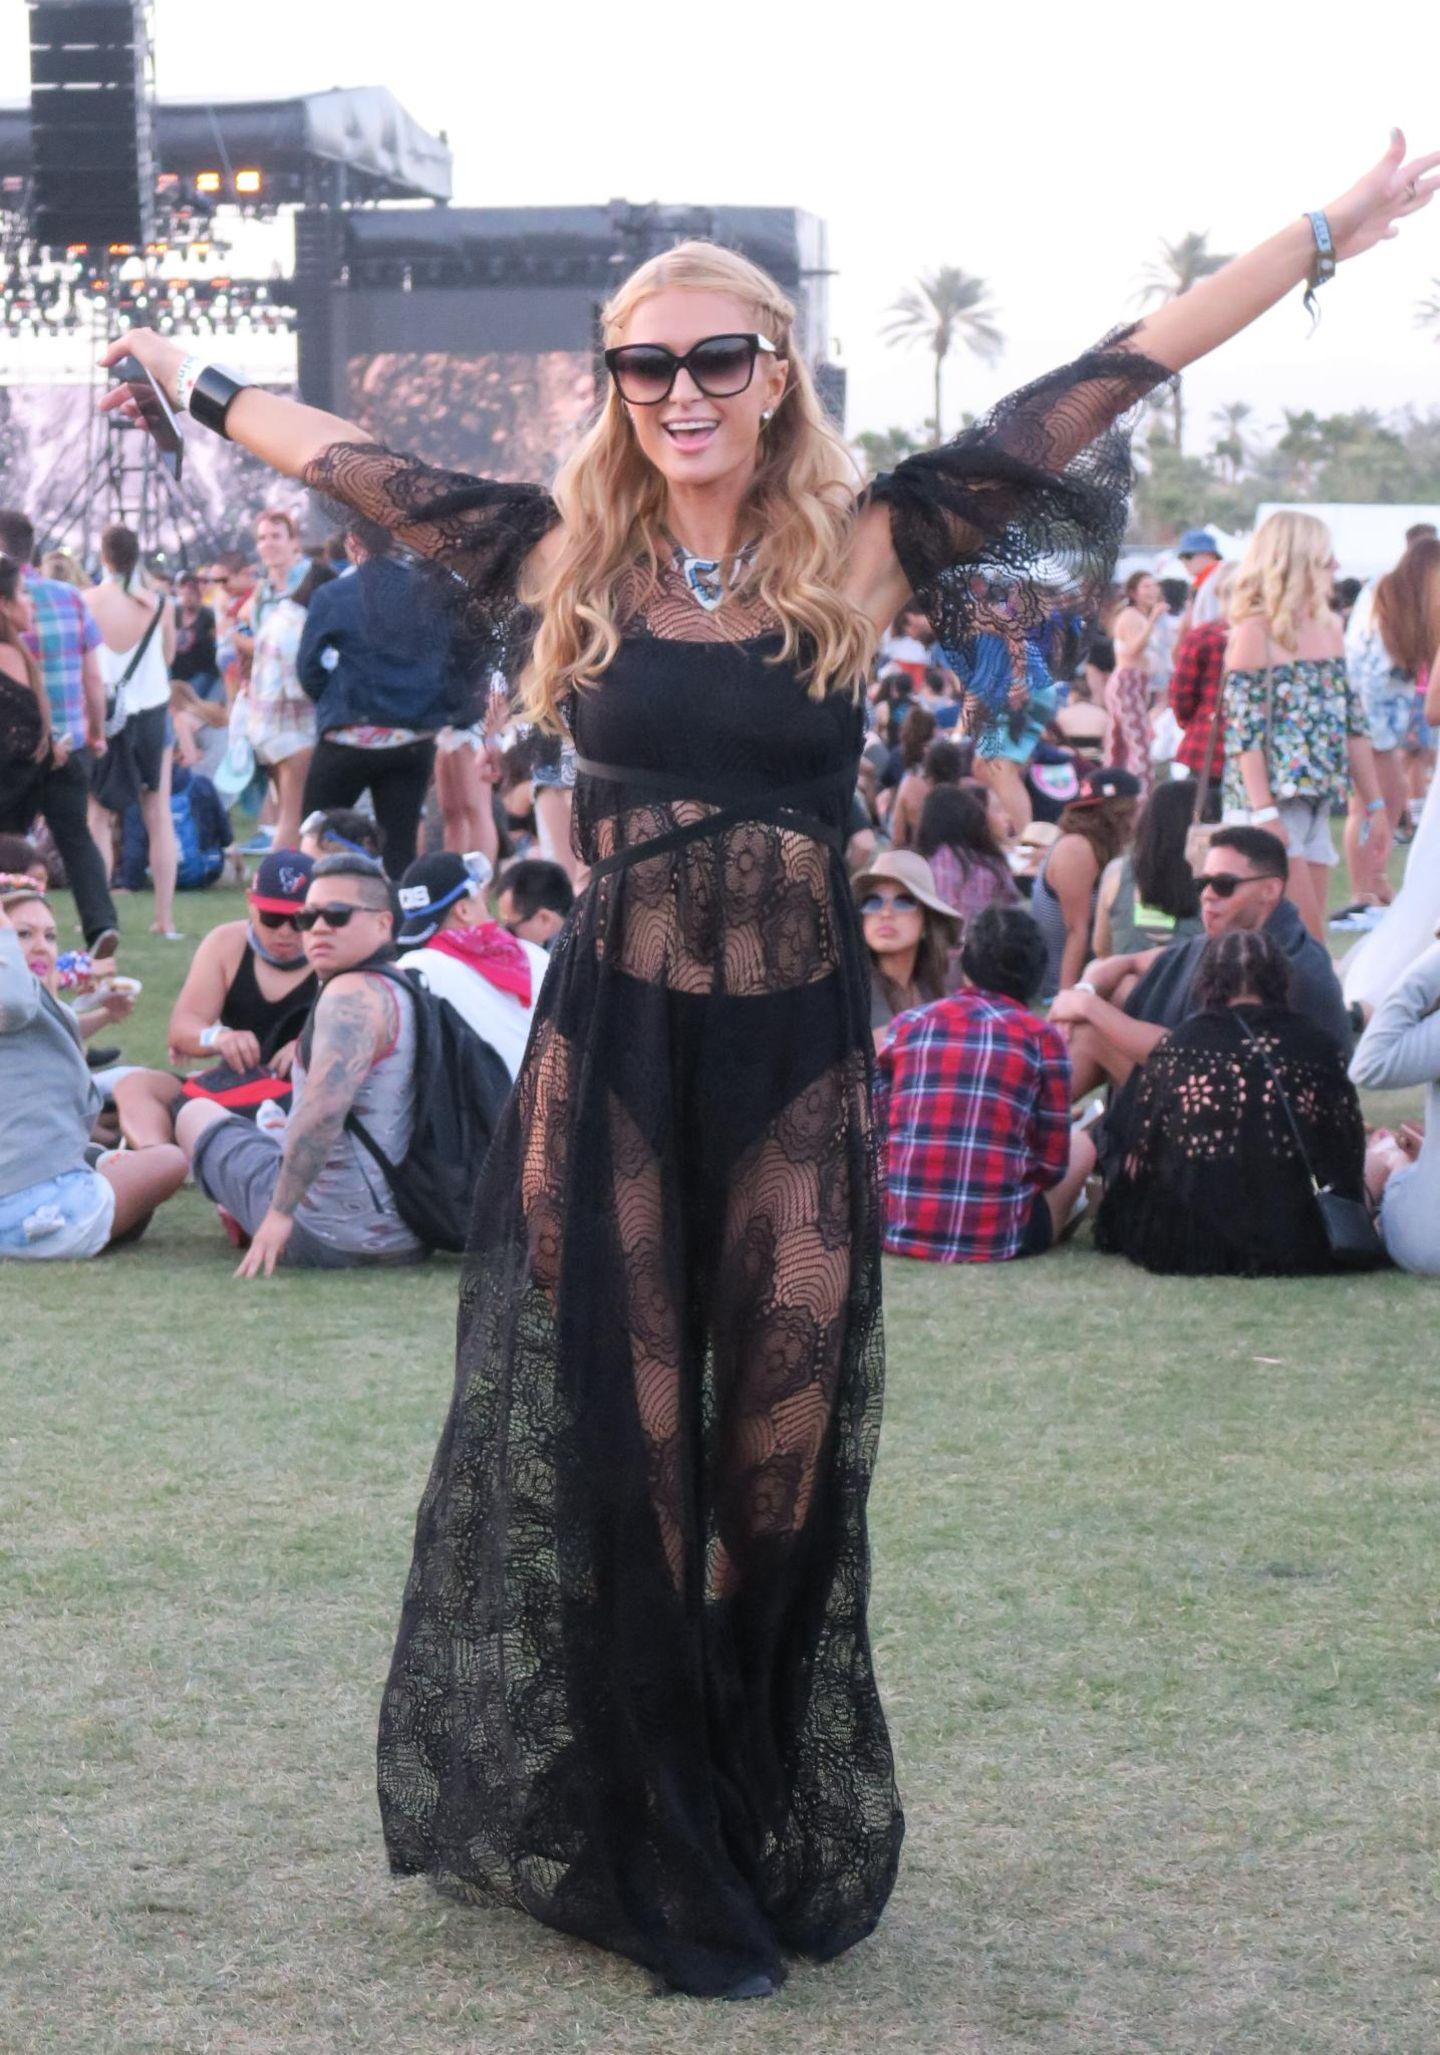 Paris Hilton tanzt ausgelassen in der Menge.